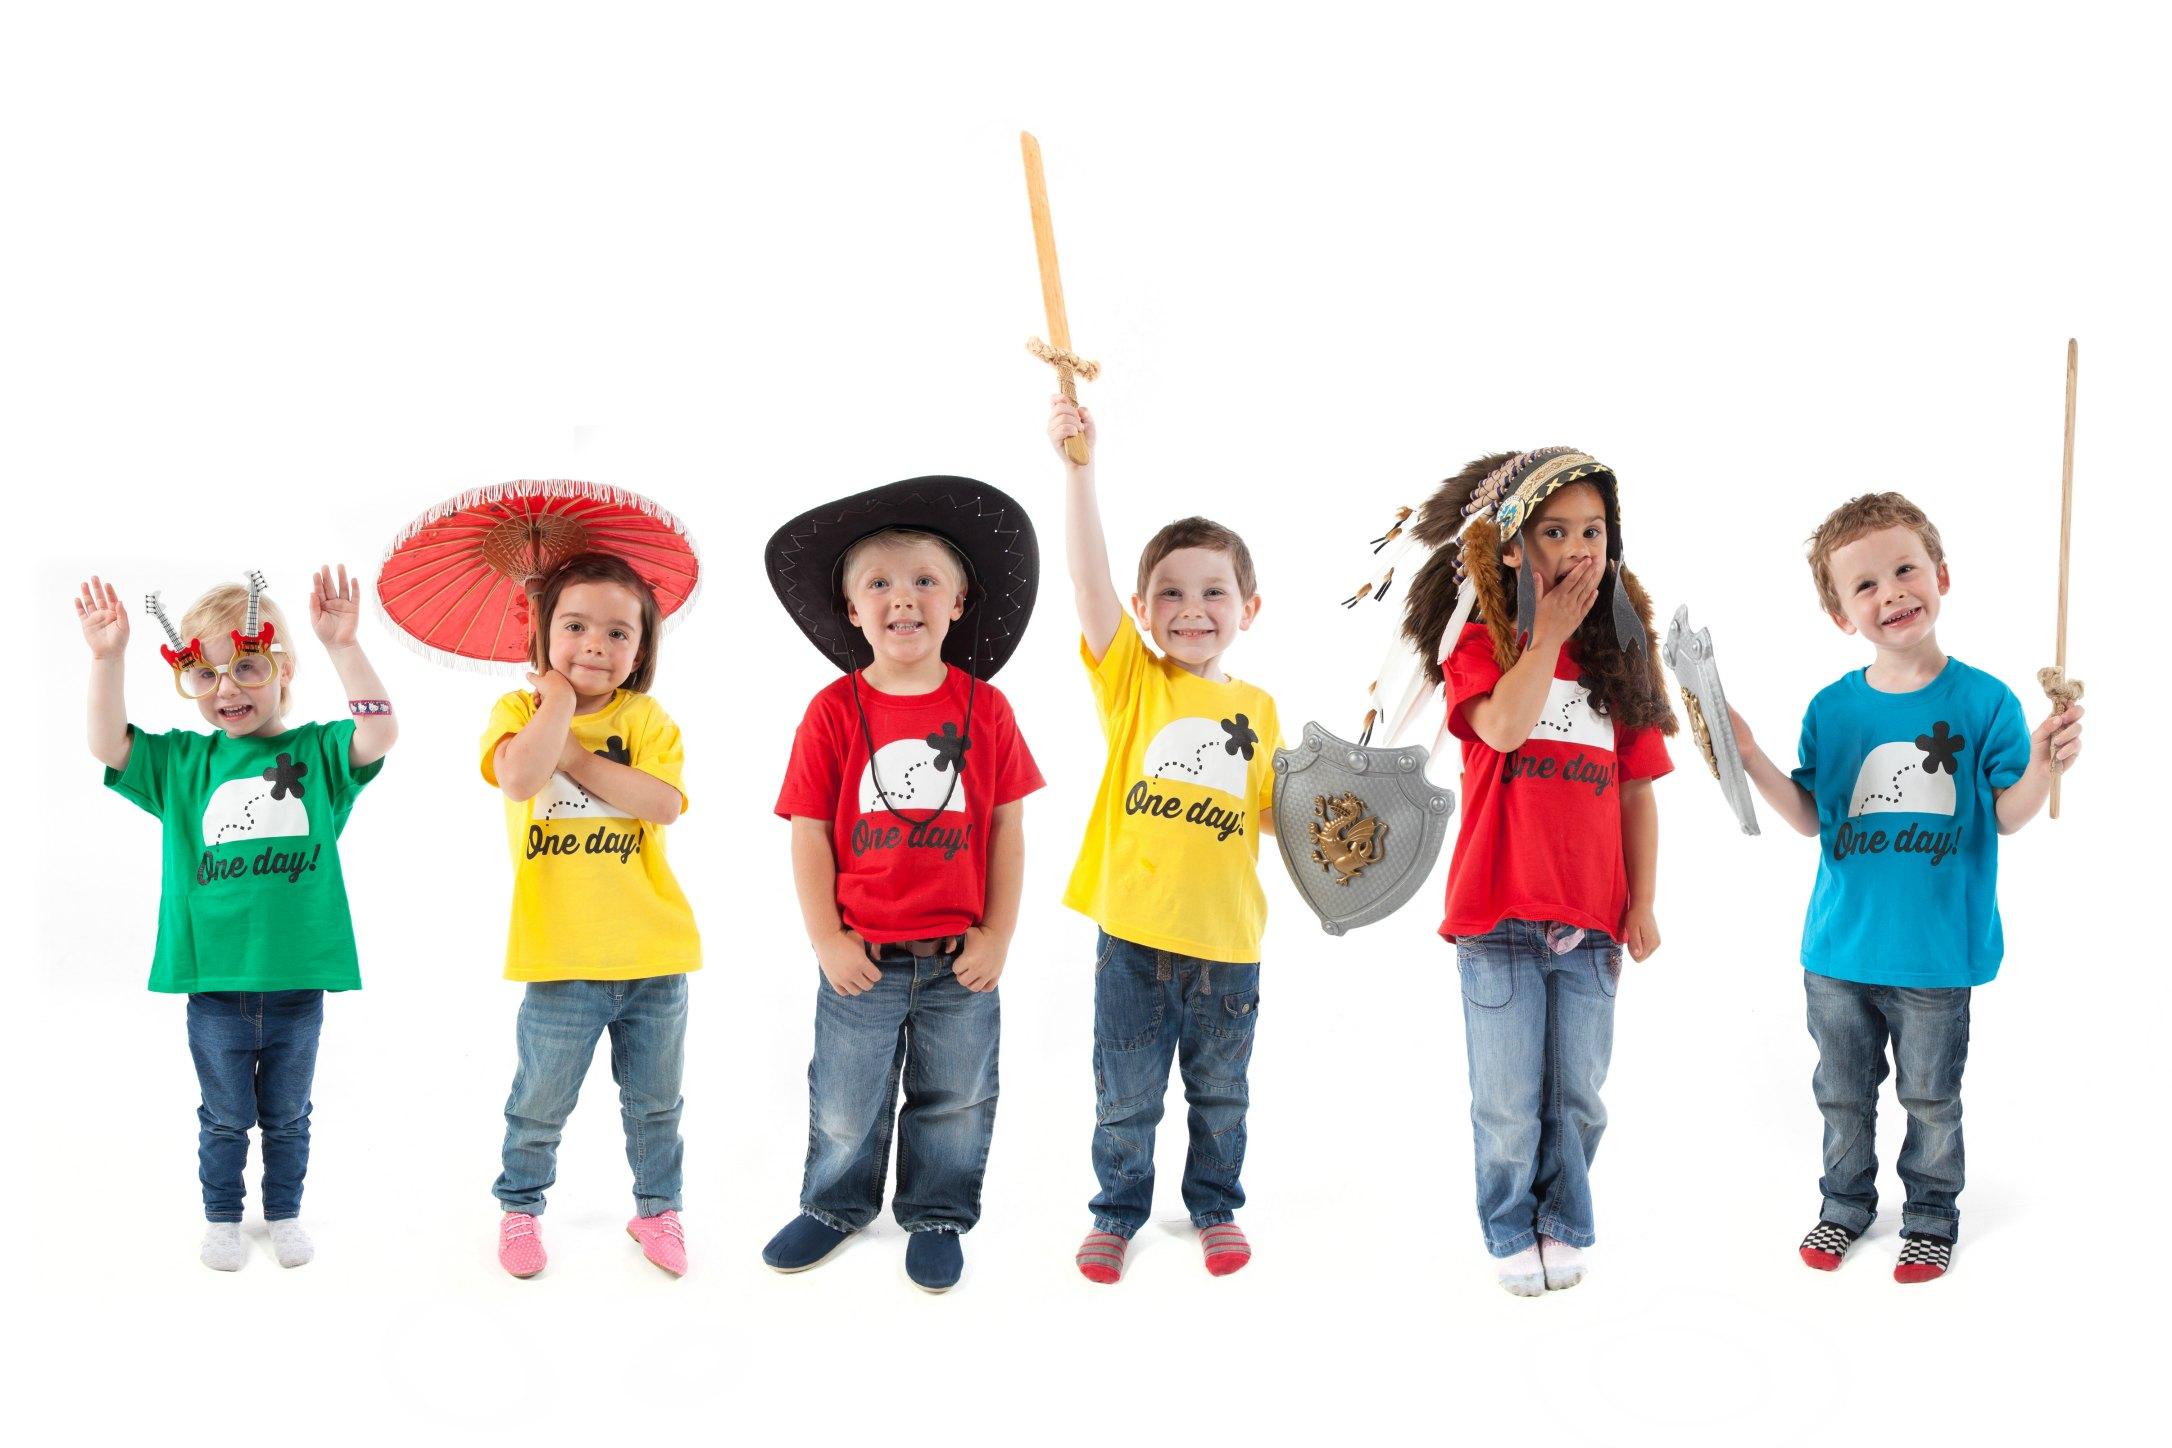 Oyun Ablaları Tarafından Verilebilecek Yaratıcı Drama Eğitimi ve Çocuk Gelişimi Üzerindeki Etkileri